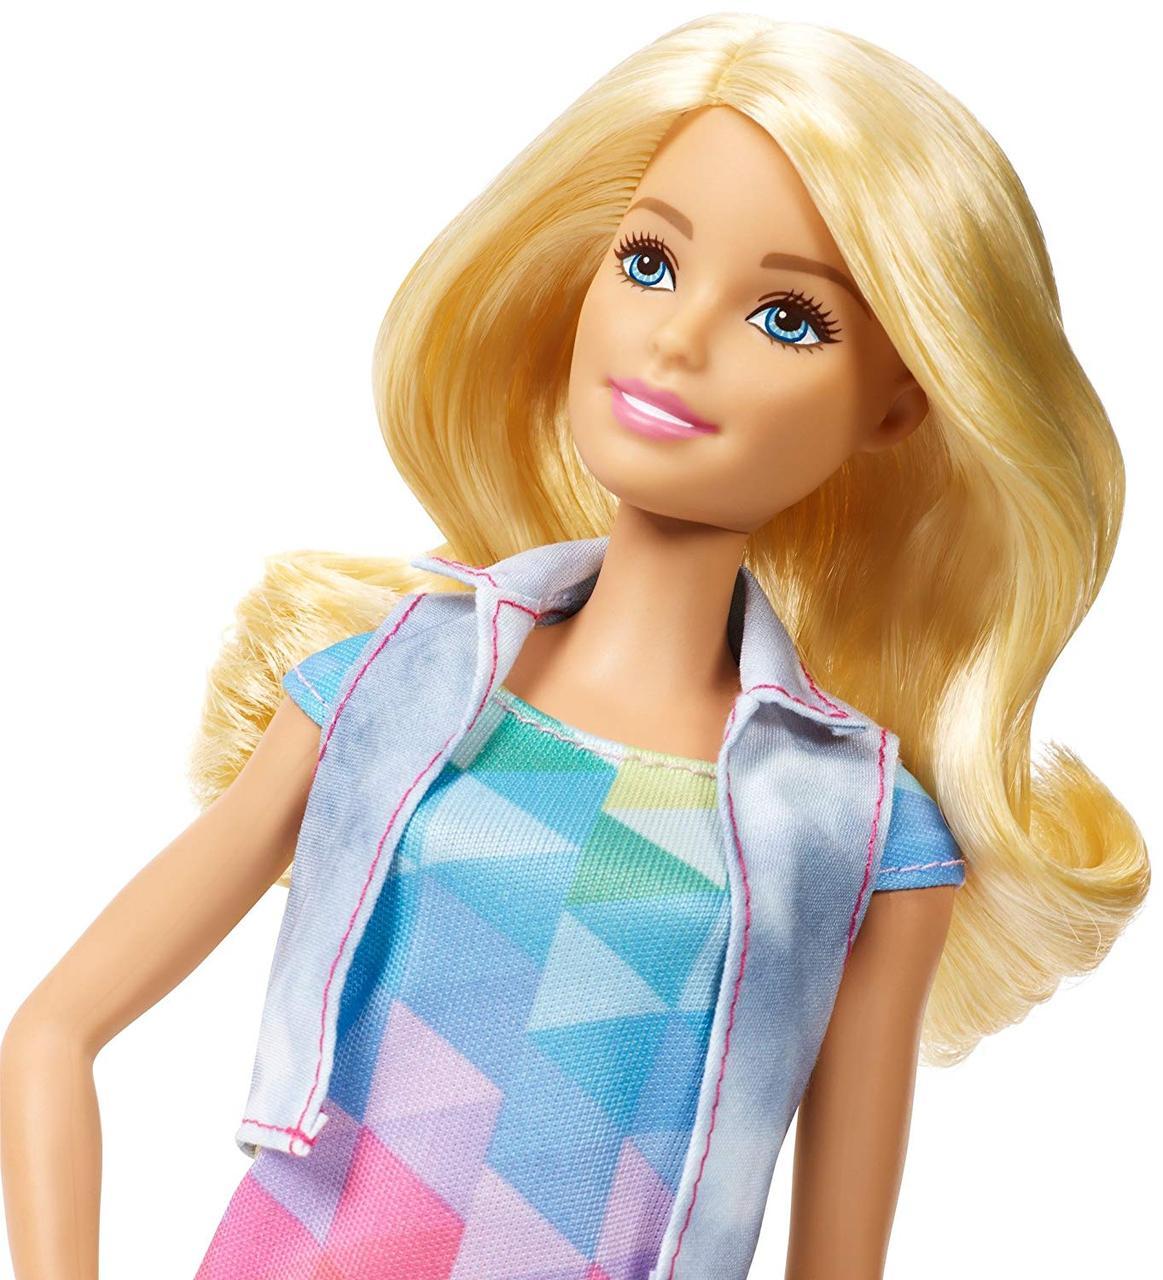 """Кукла Барби """"Дизайнер"""" цветной штамп - раскраска одежды ..."""